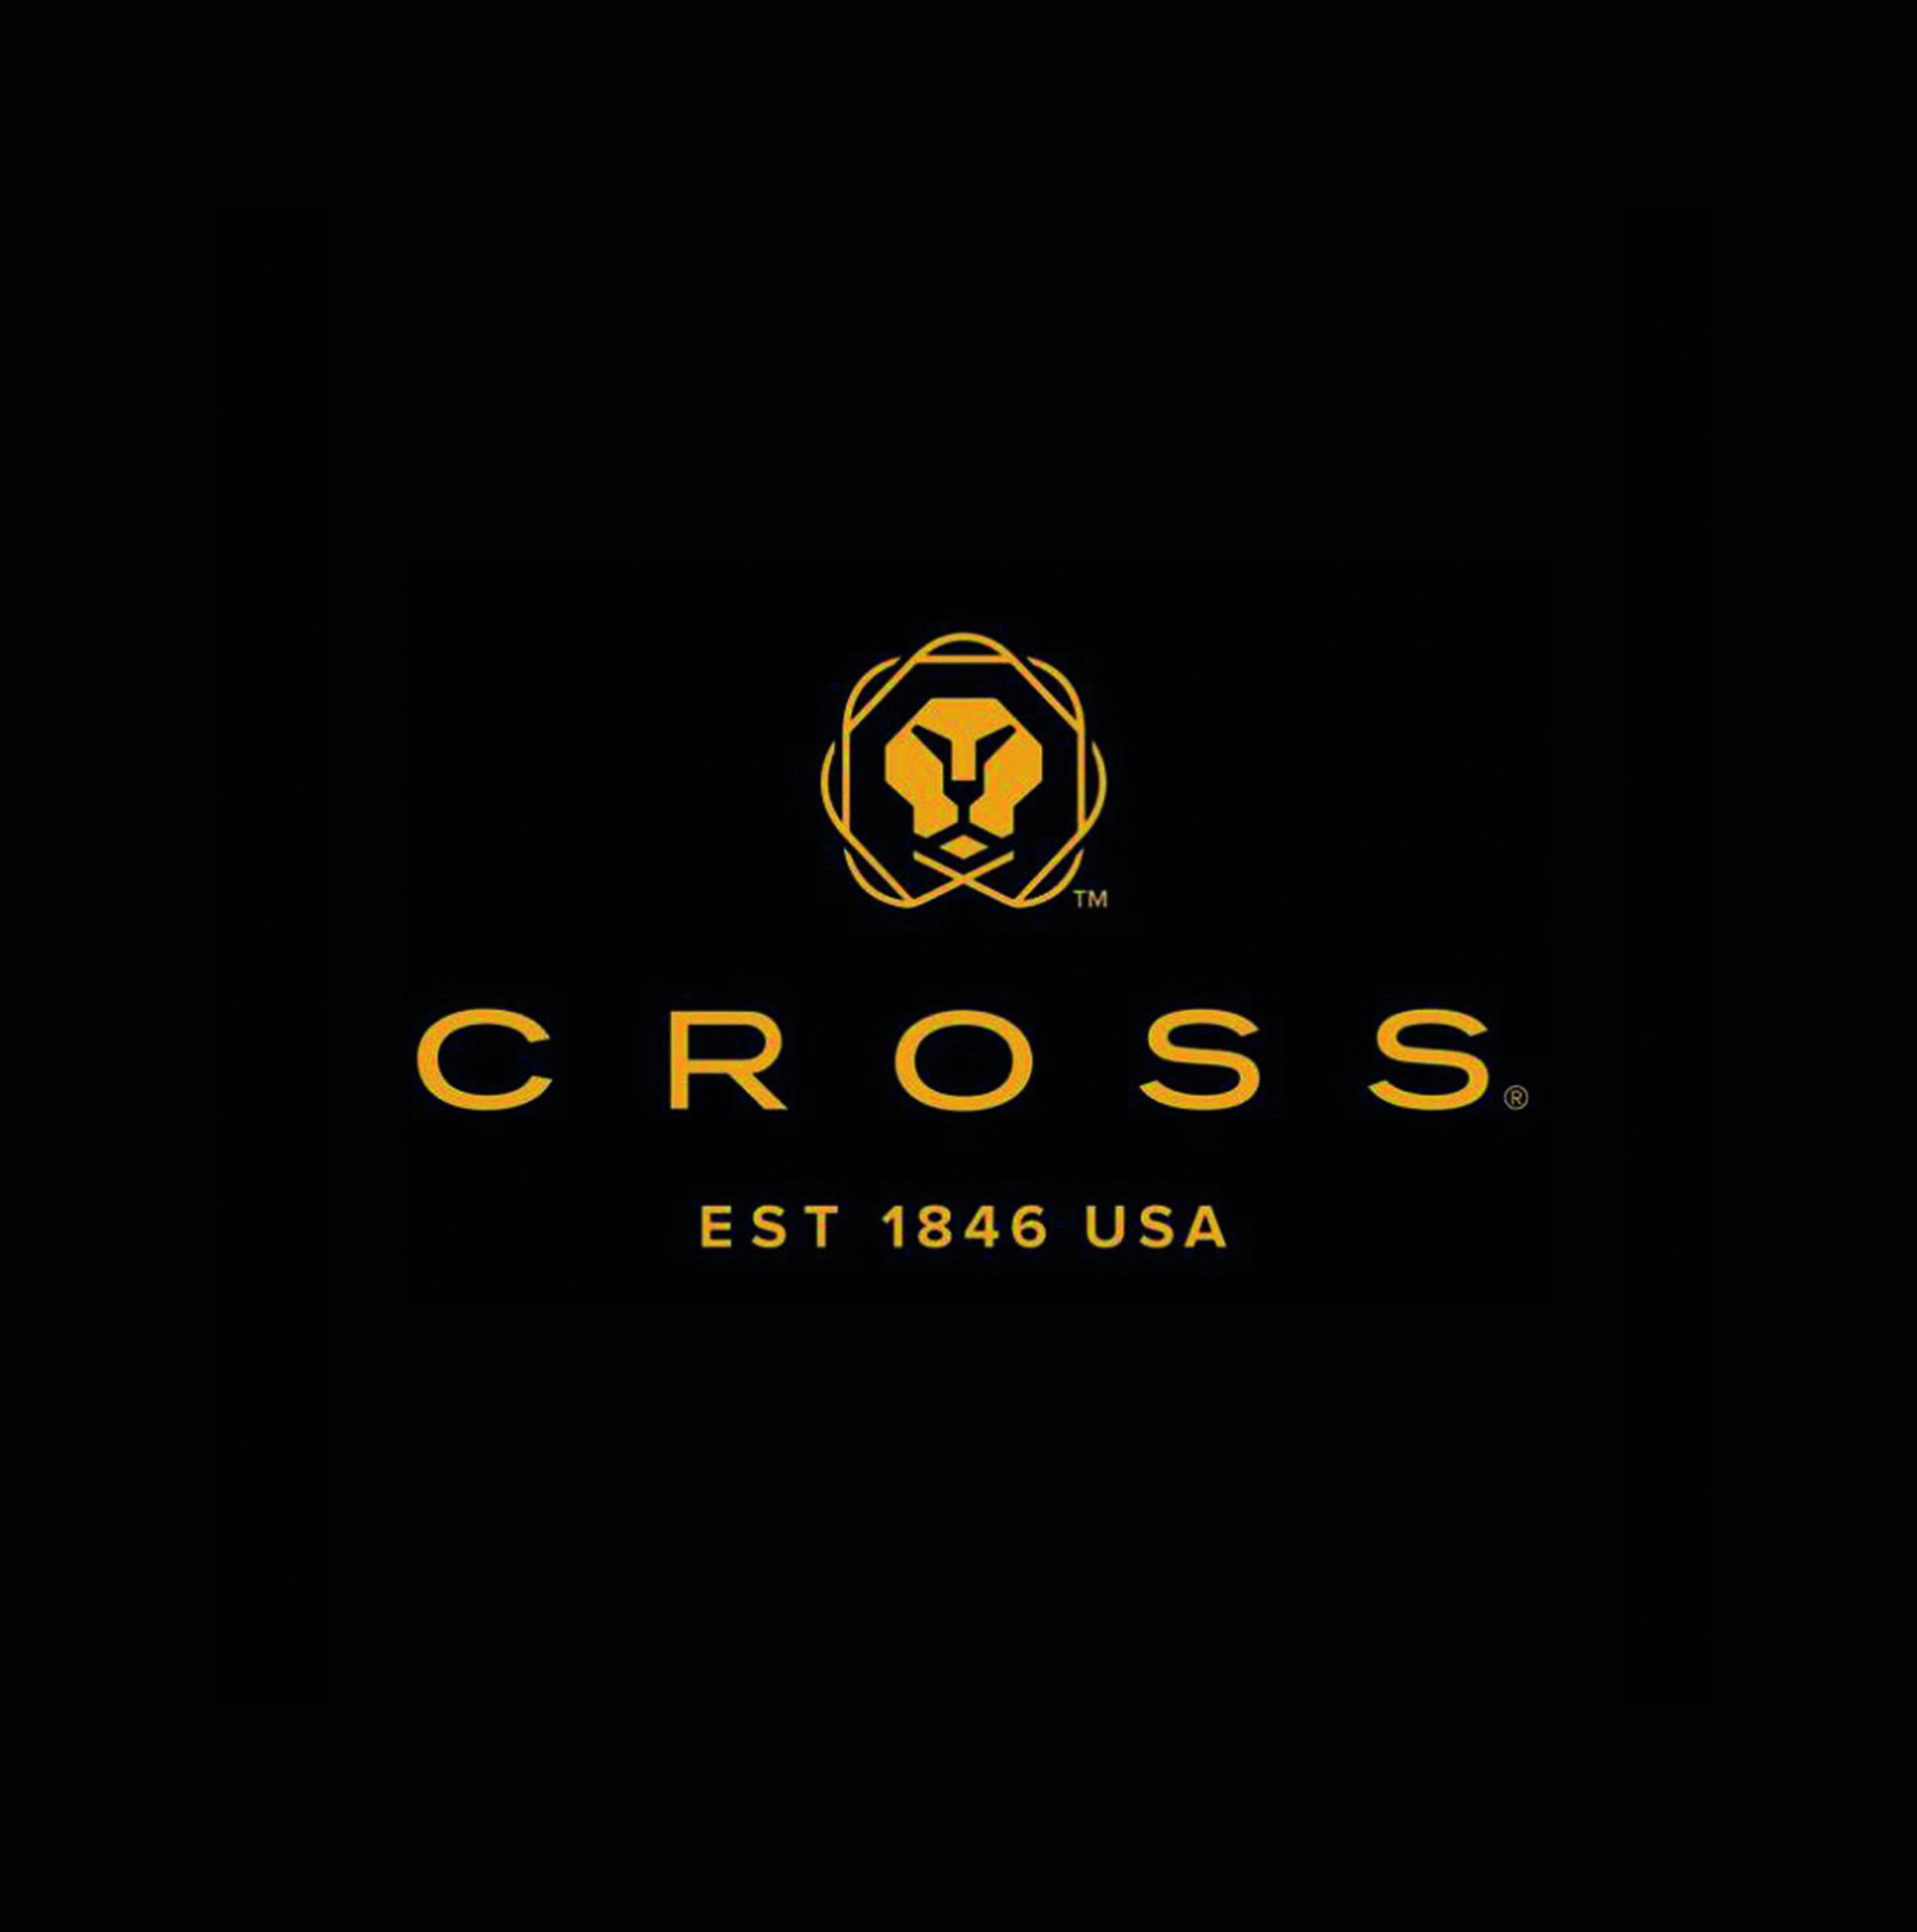 Cross resized.jpg